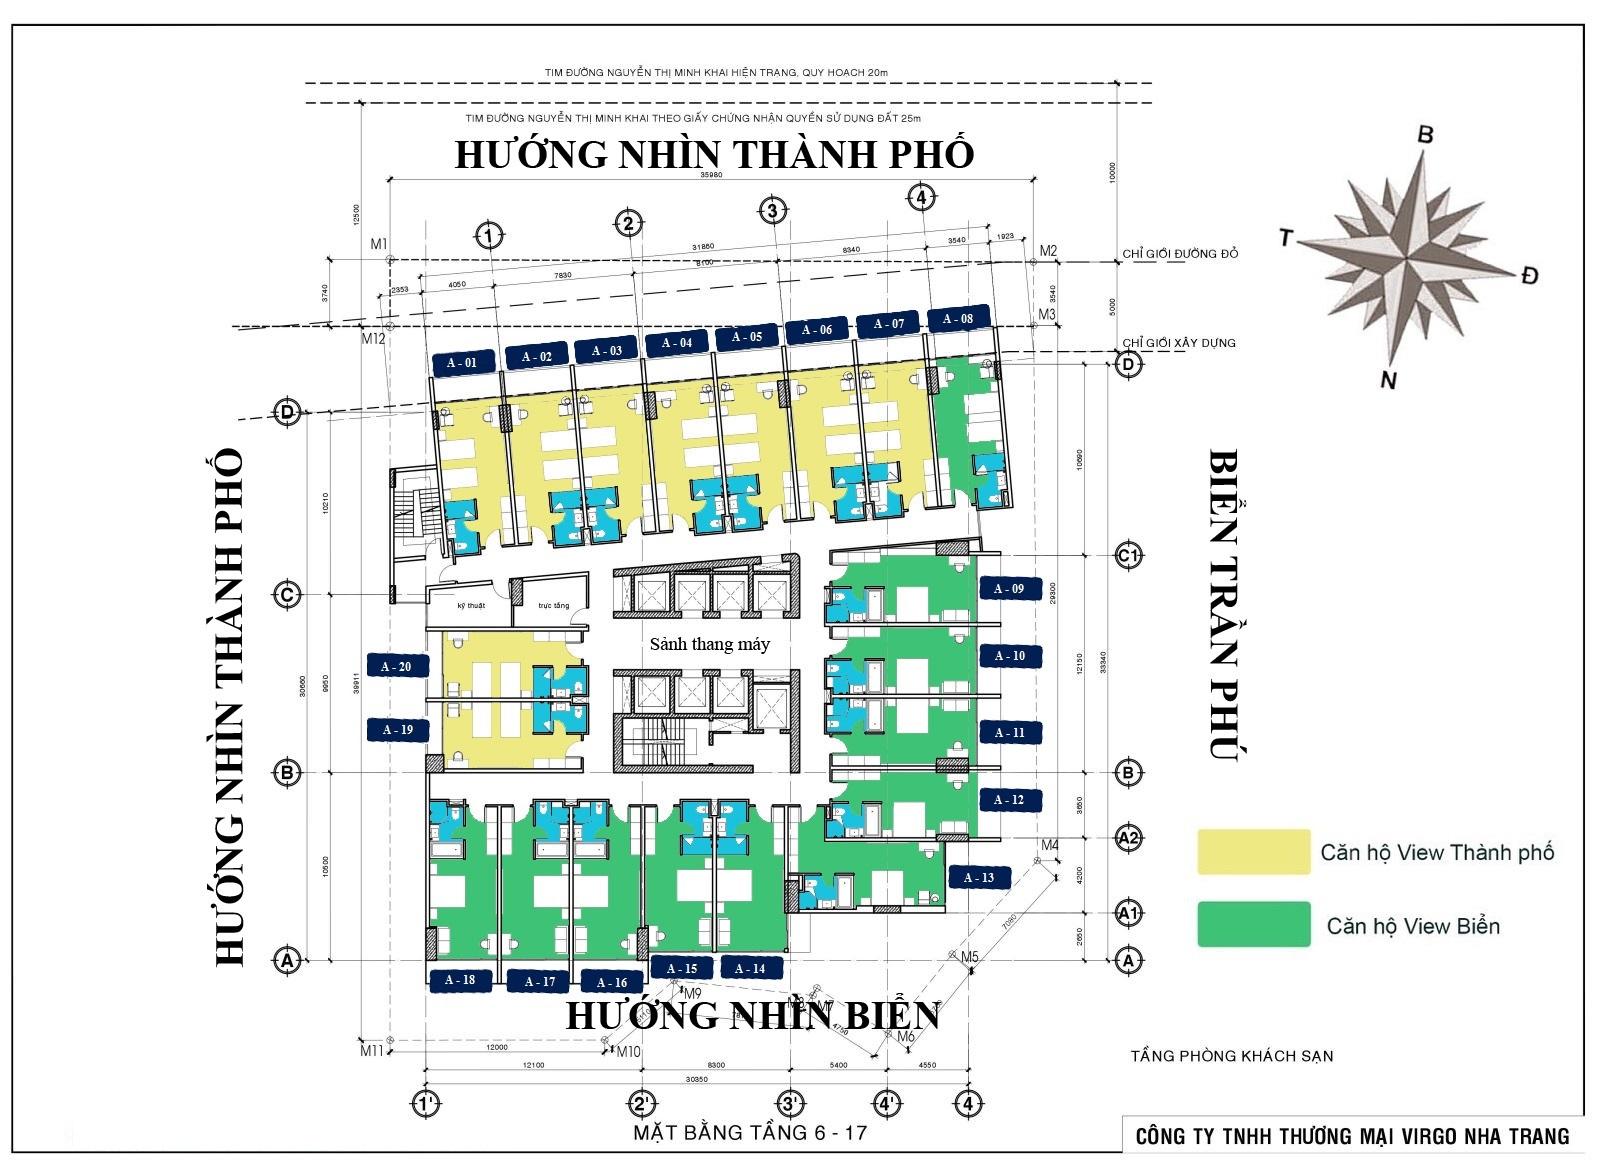 Mặt bằng tầng 6 - 17 Virgo Hotel Nha Trang